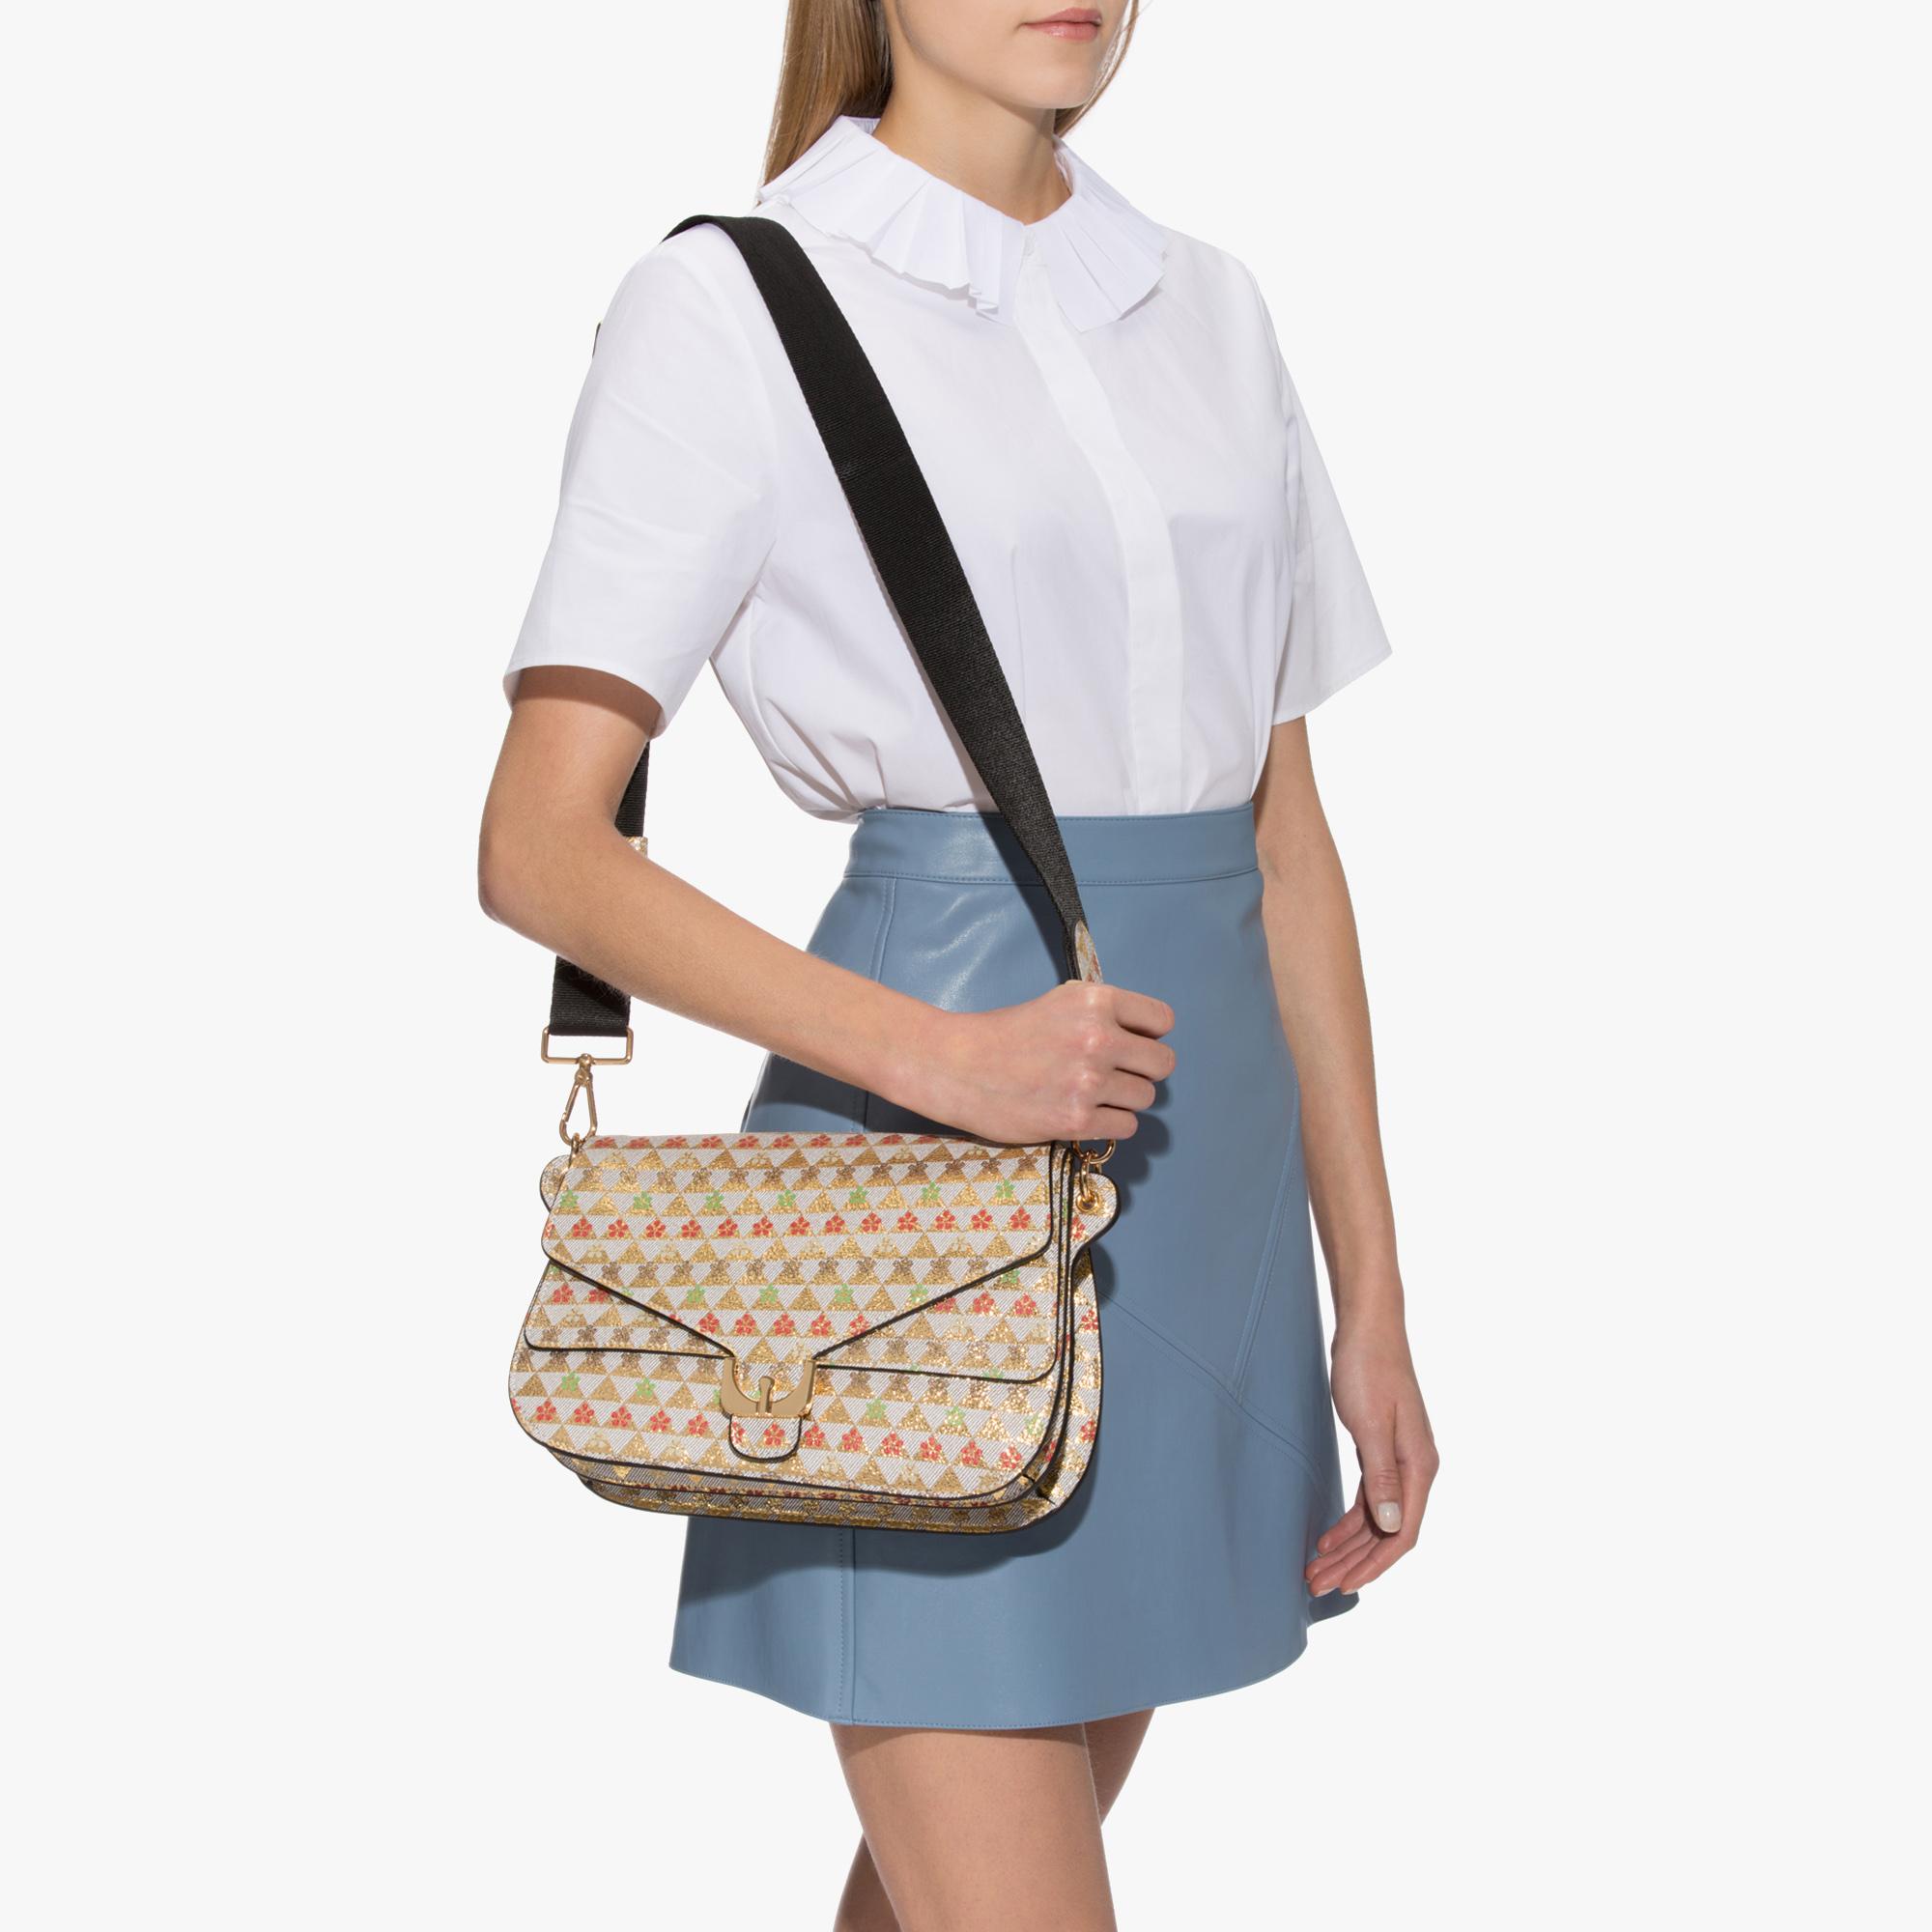 Ambrine printed leather shoulder bag